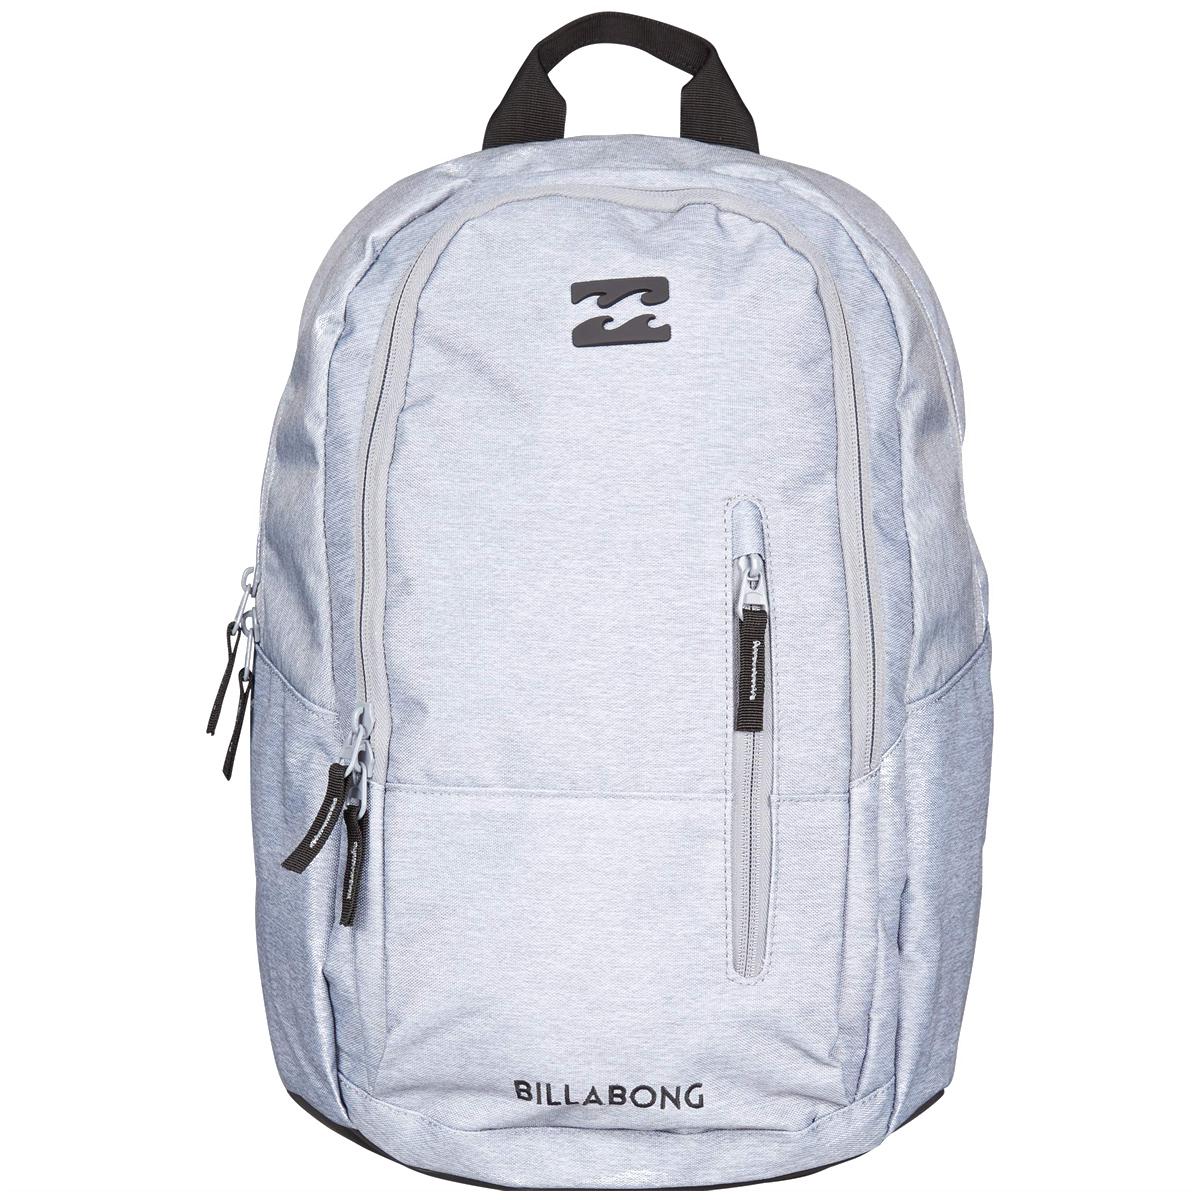 Рюкзак городской Billabong Shadow pack, цвет: светло-серый рюкзак городской billabong all day pack цвет черный серый